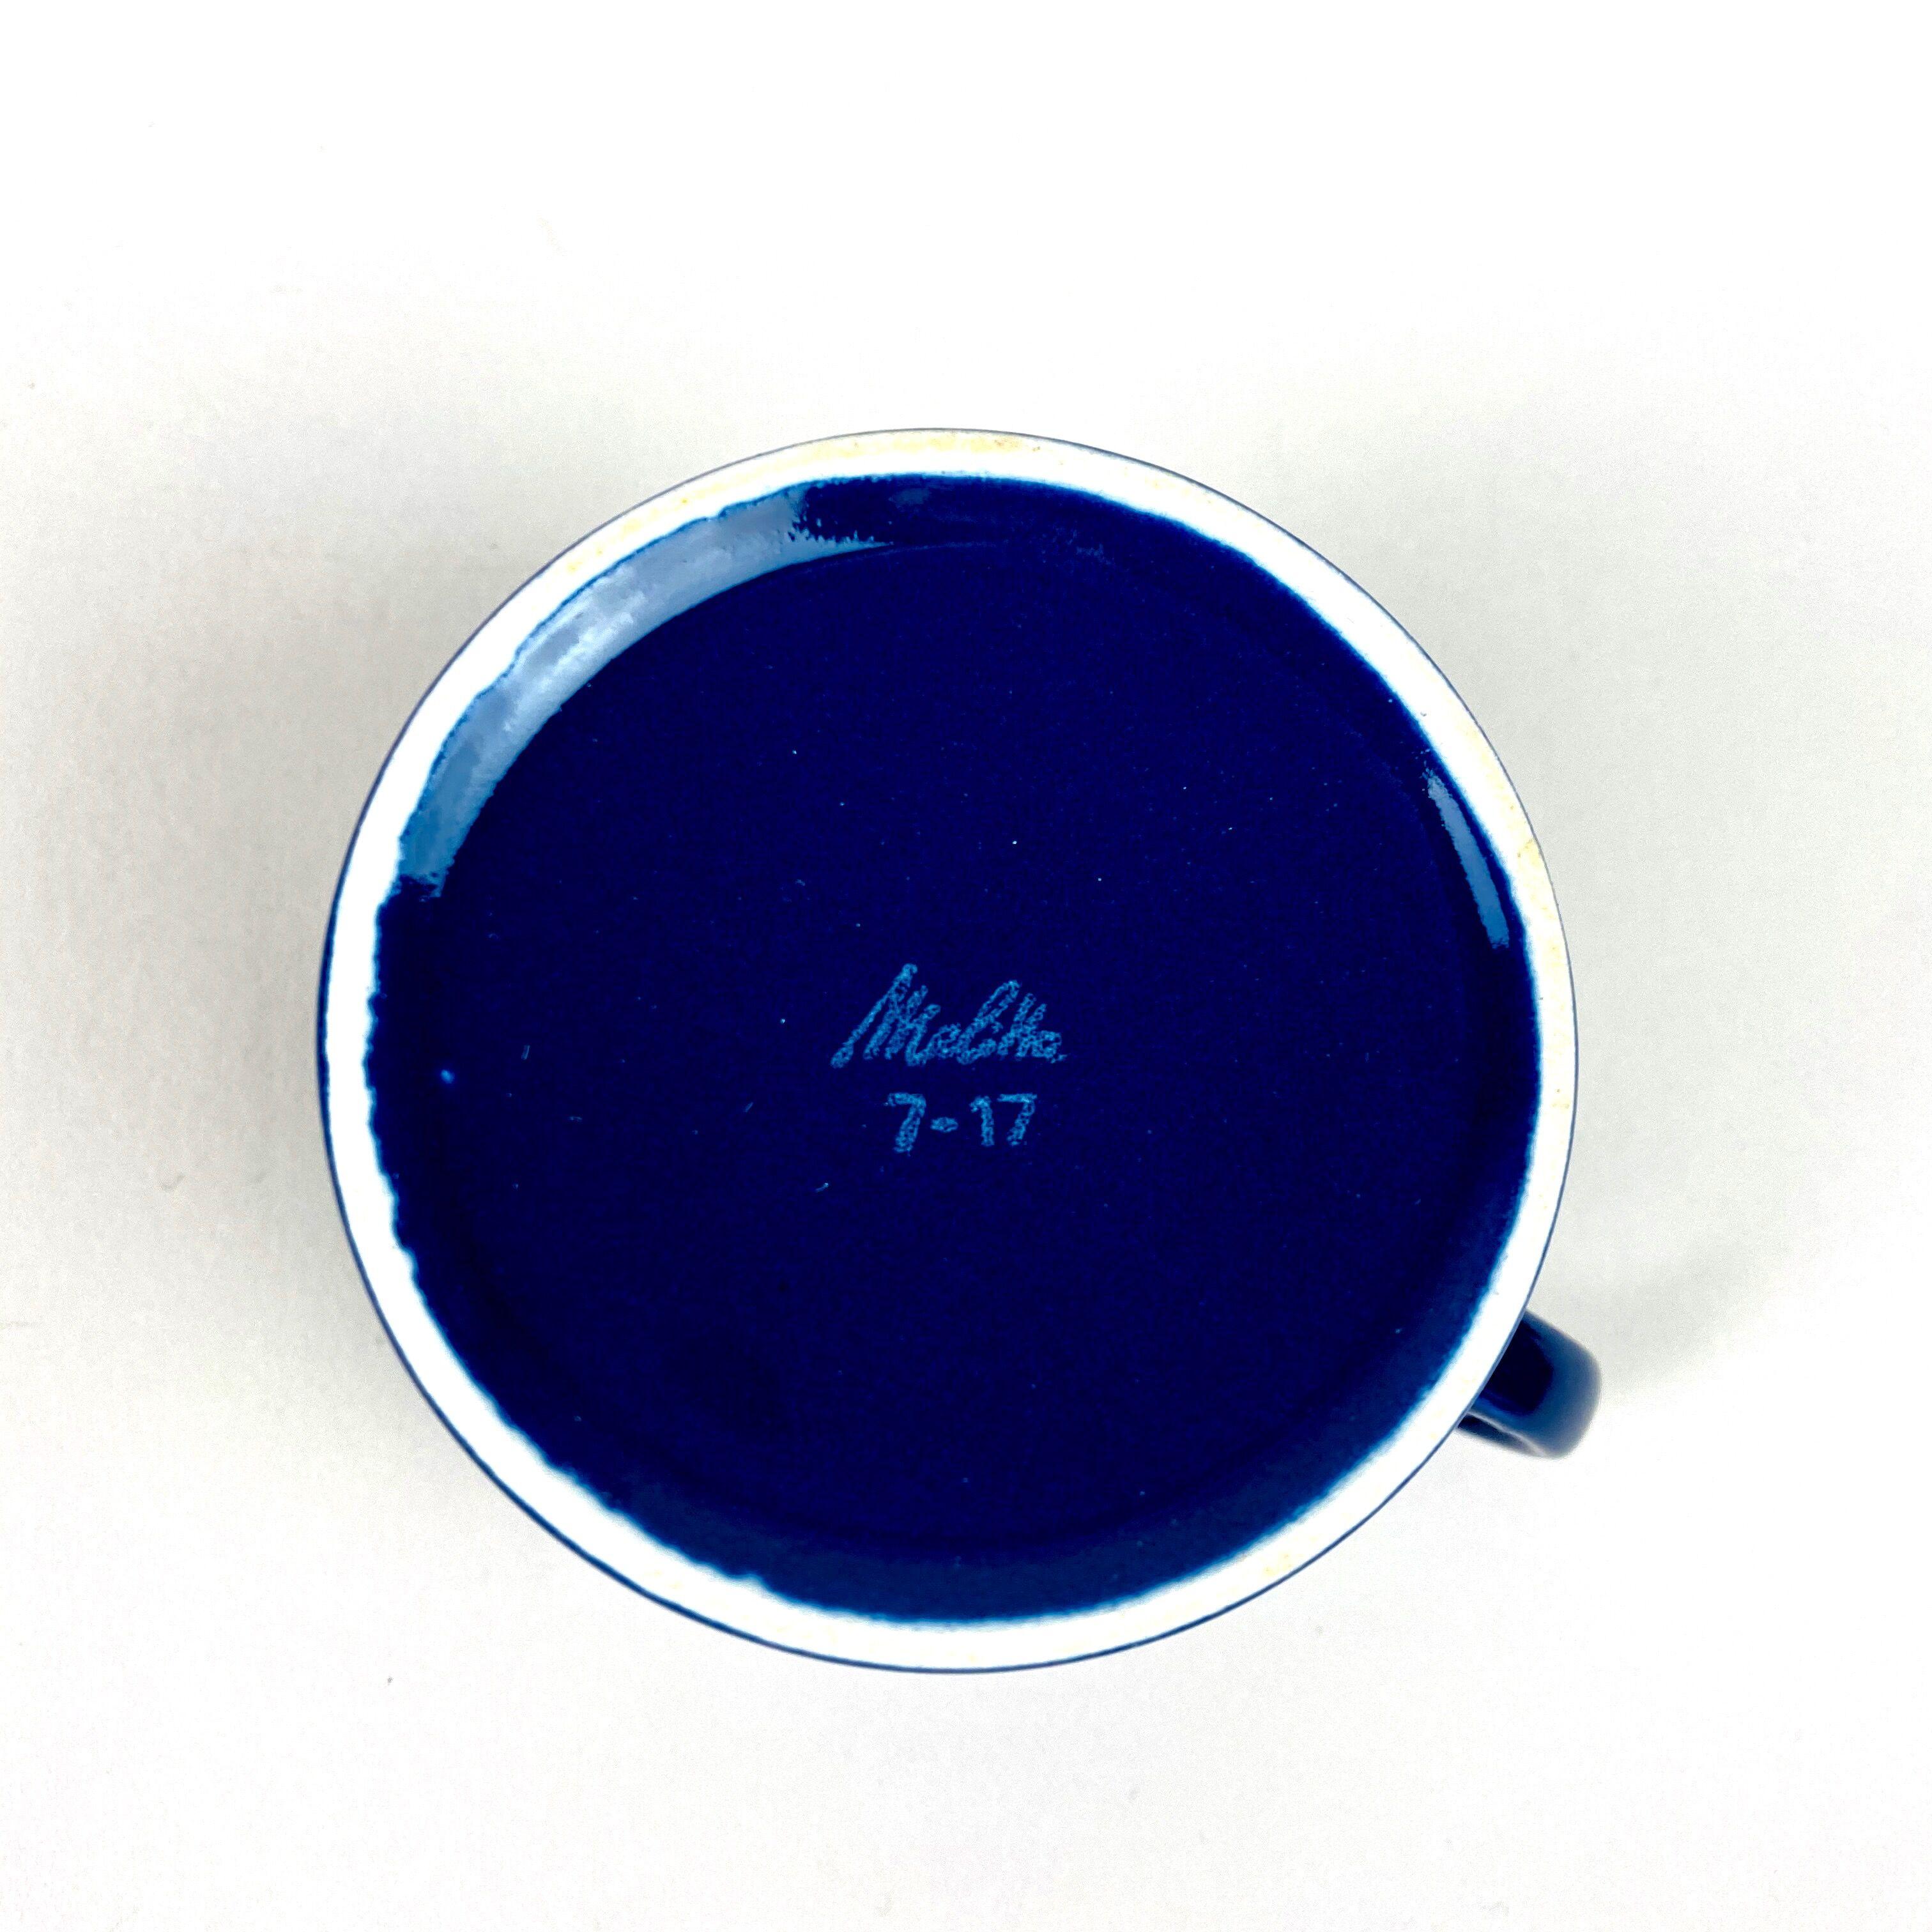 Melitta Stockholm Violet Violet Gâteau Assiette Assiettes 18 cm